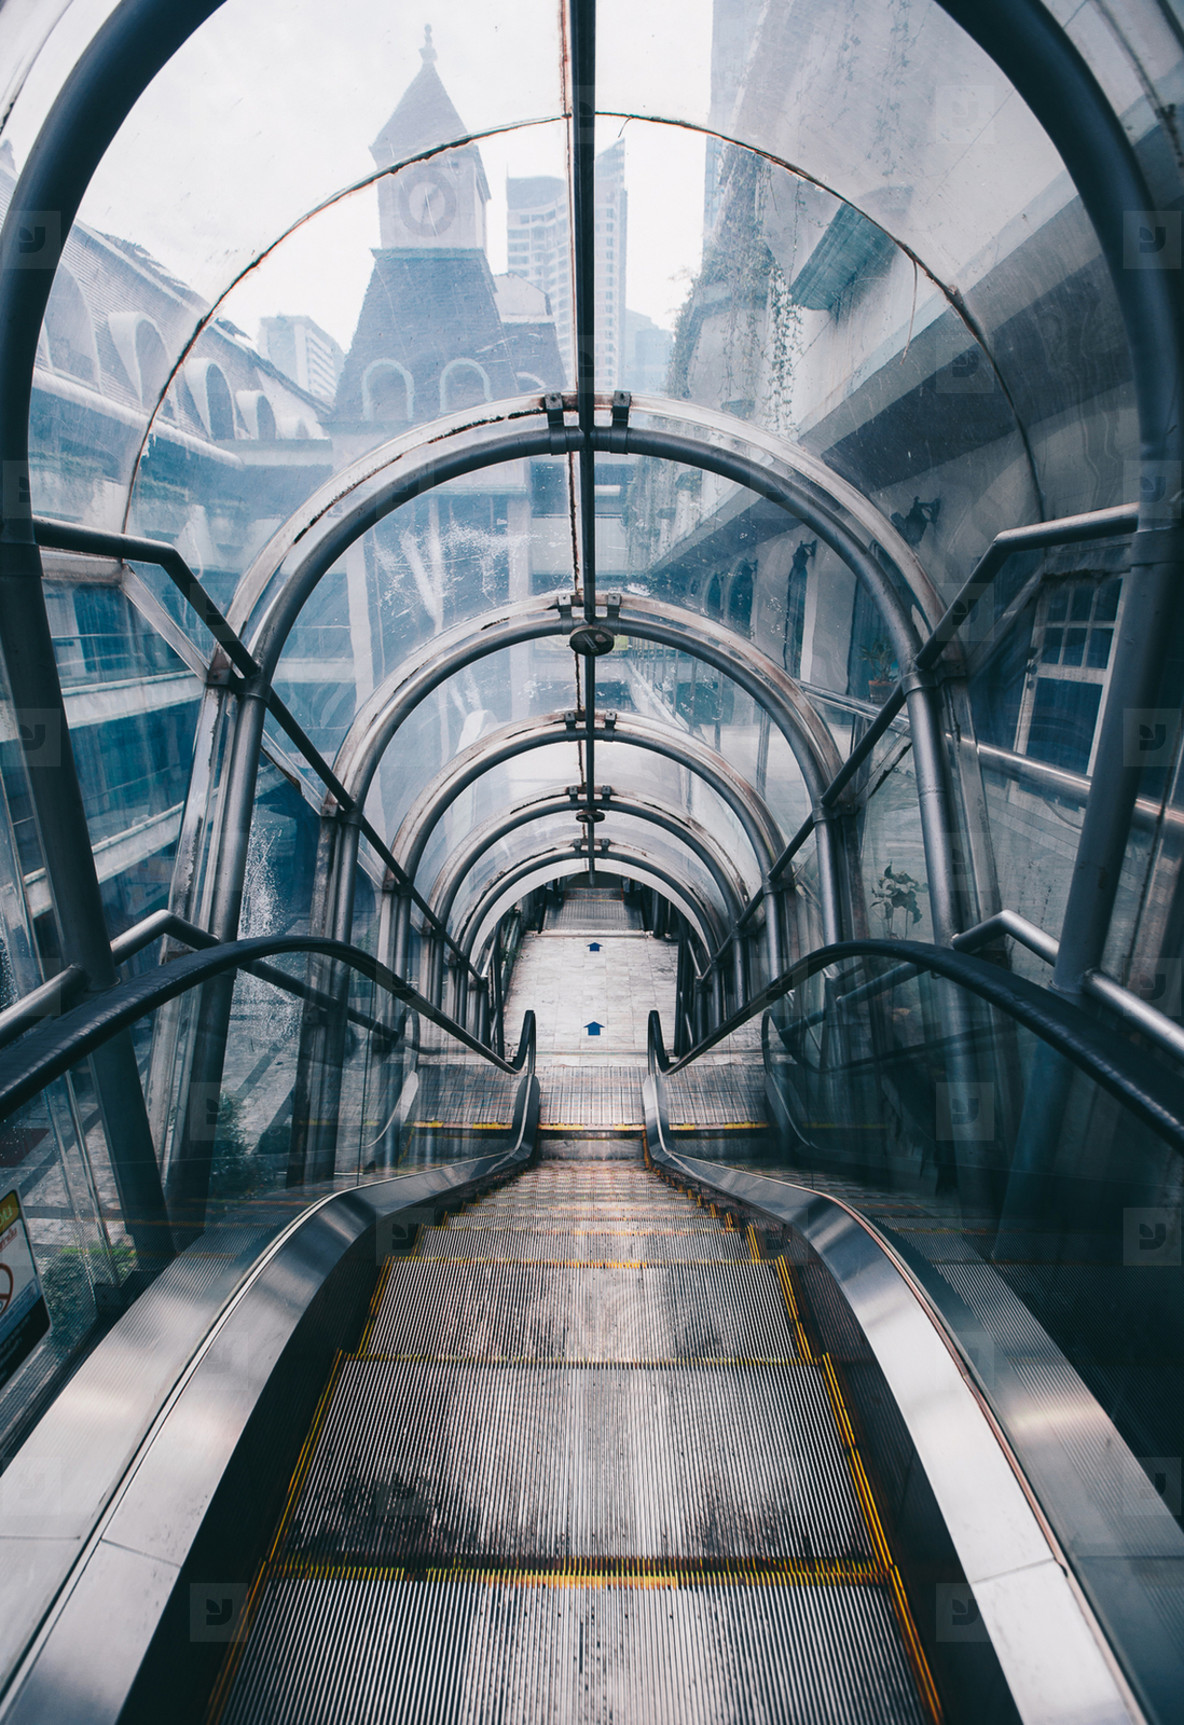 Escalator in curve glass